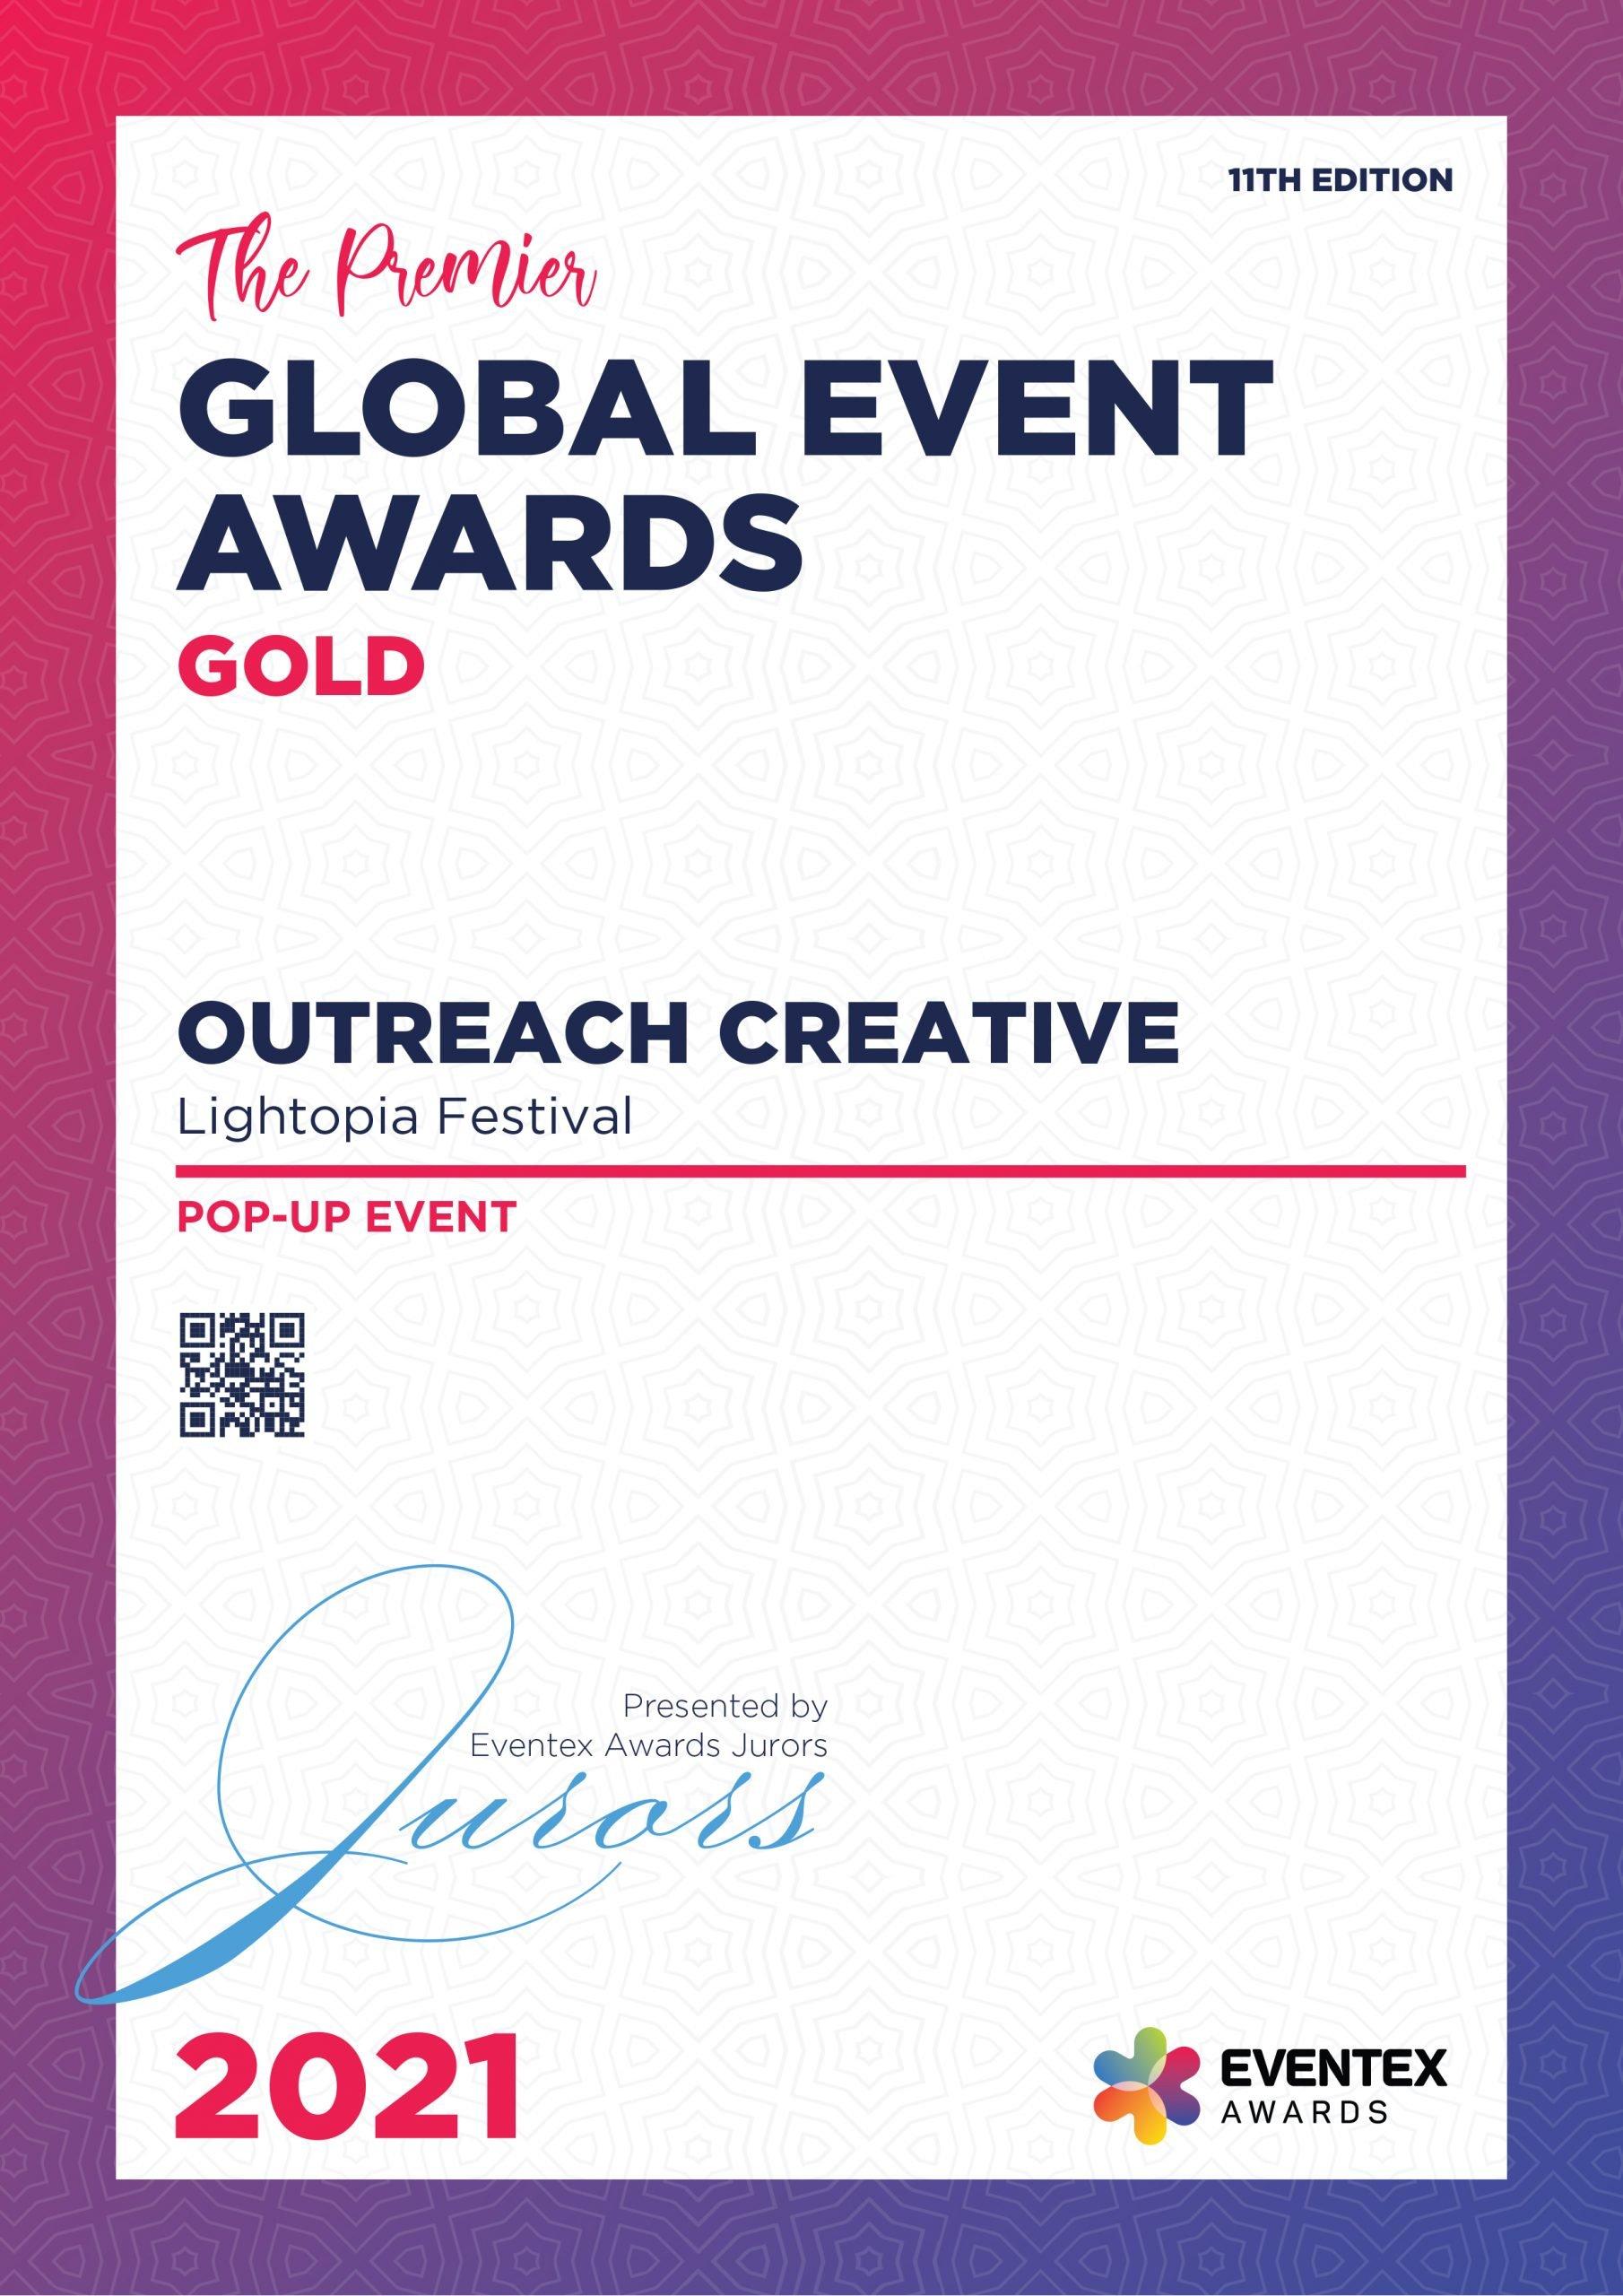 OUTREACH CREATIVE-Pop-up Event-Gold-Eventex-2021